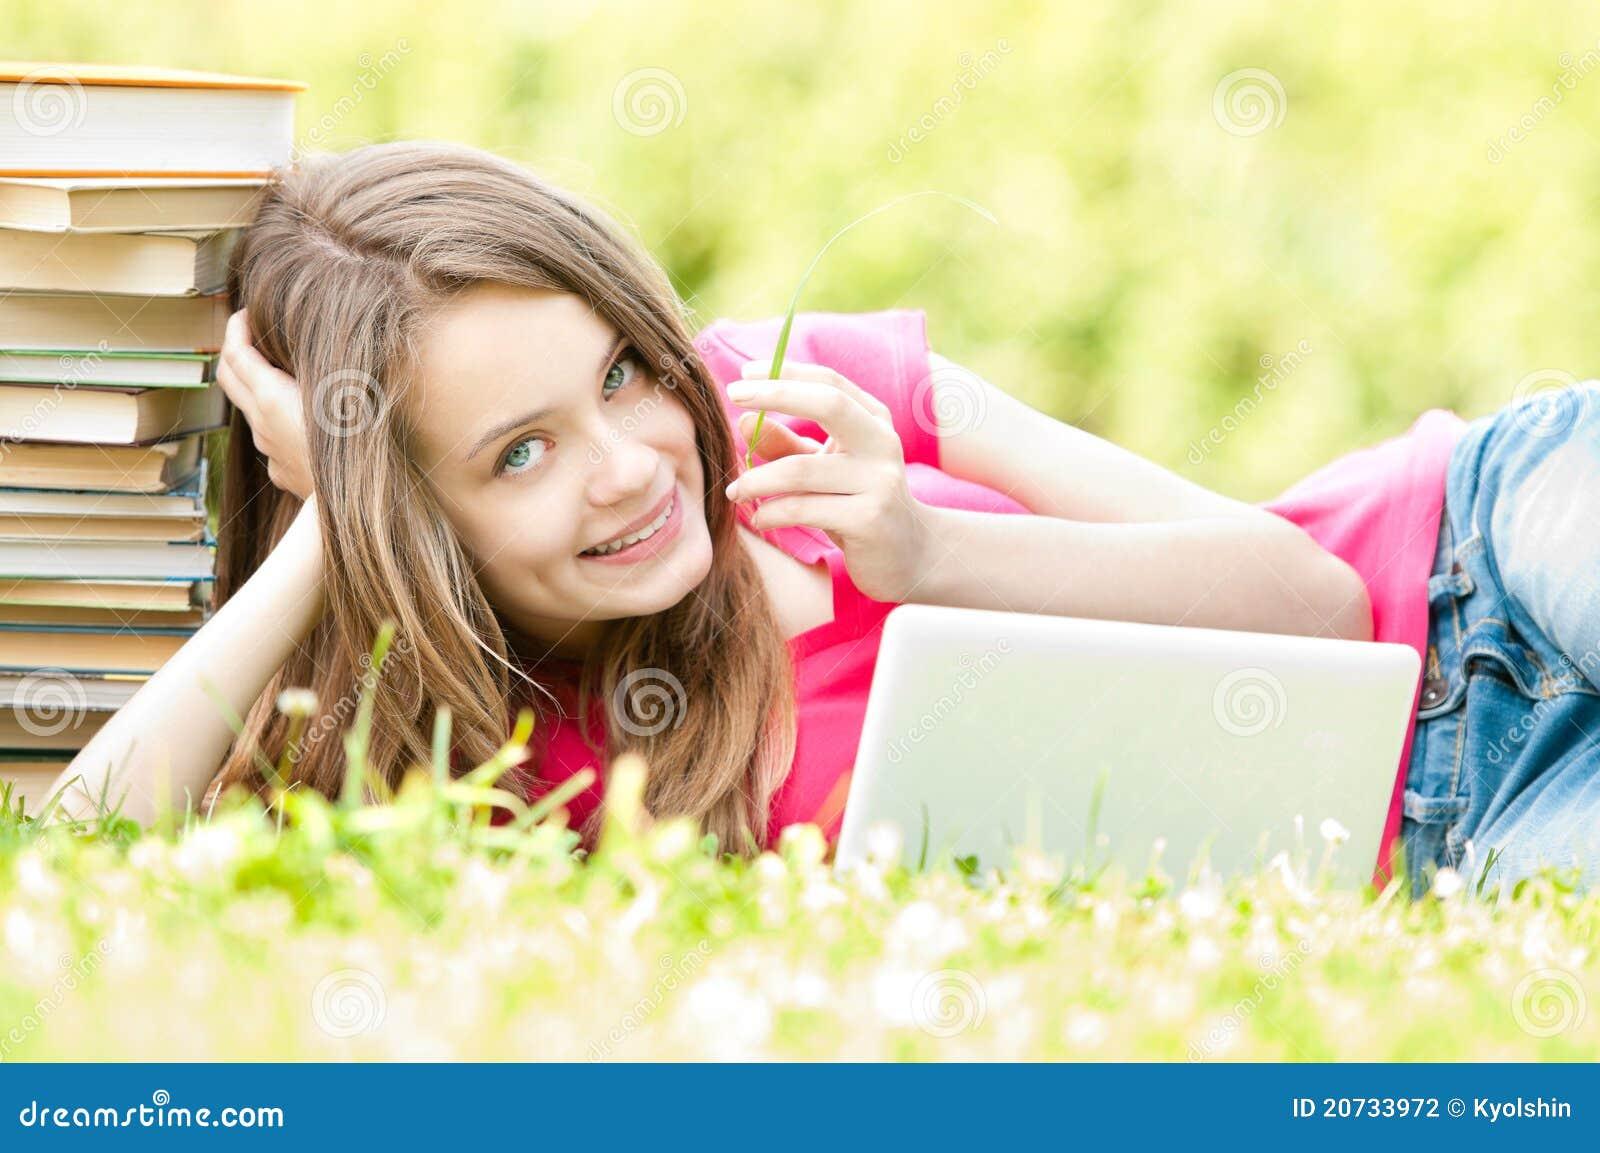 Русская девочка подросток порно онлайн 18 фотография